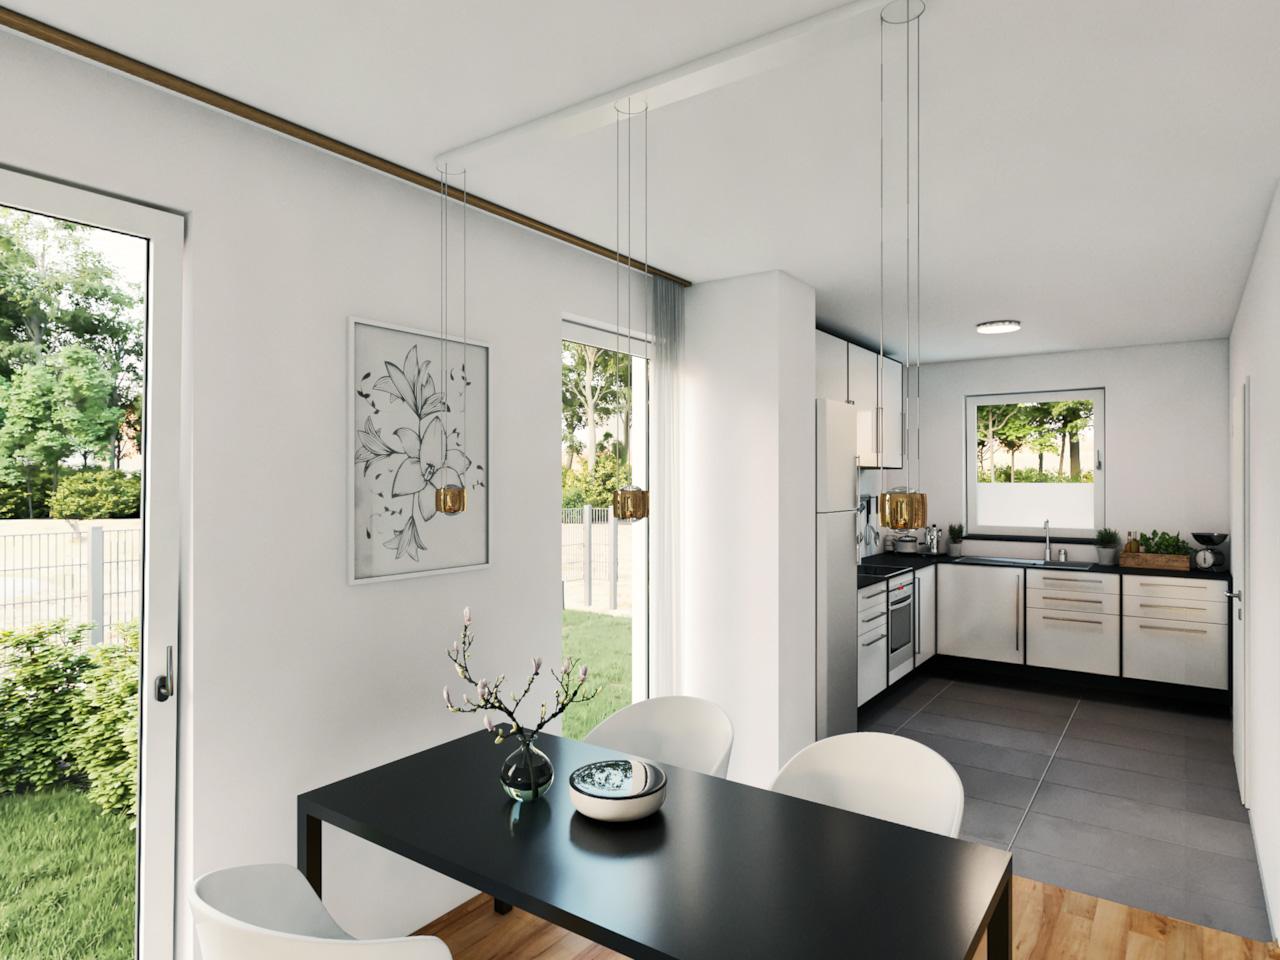 Ansicht eines Esstischs mit L-förmiger Küche im Hintergrund